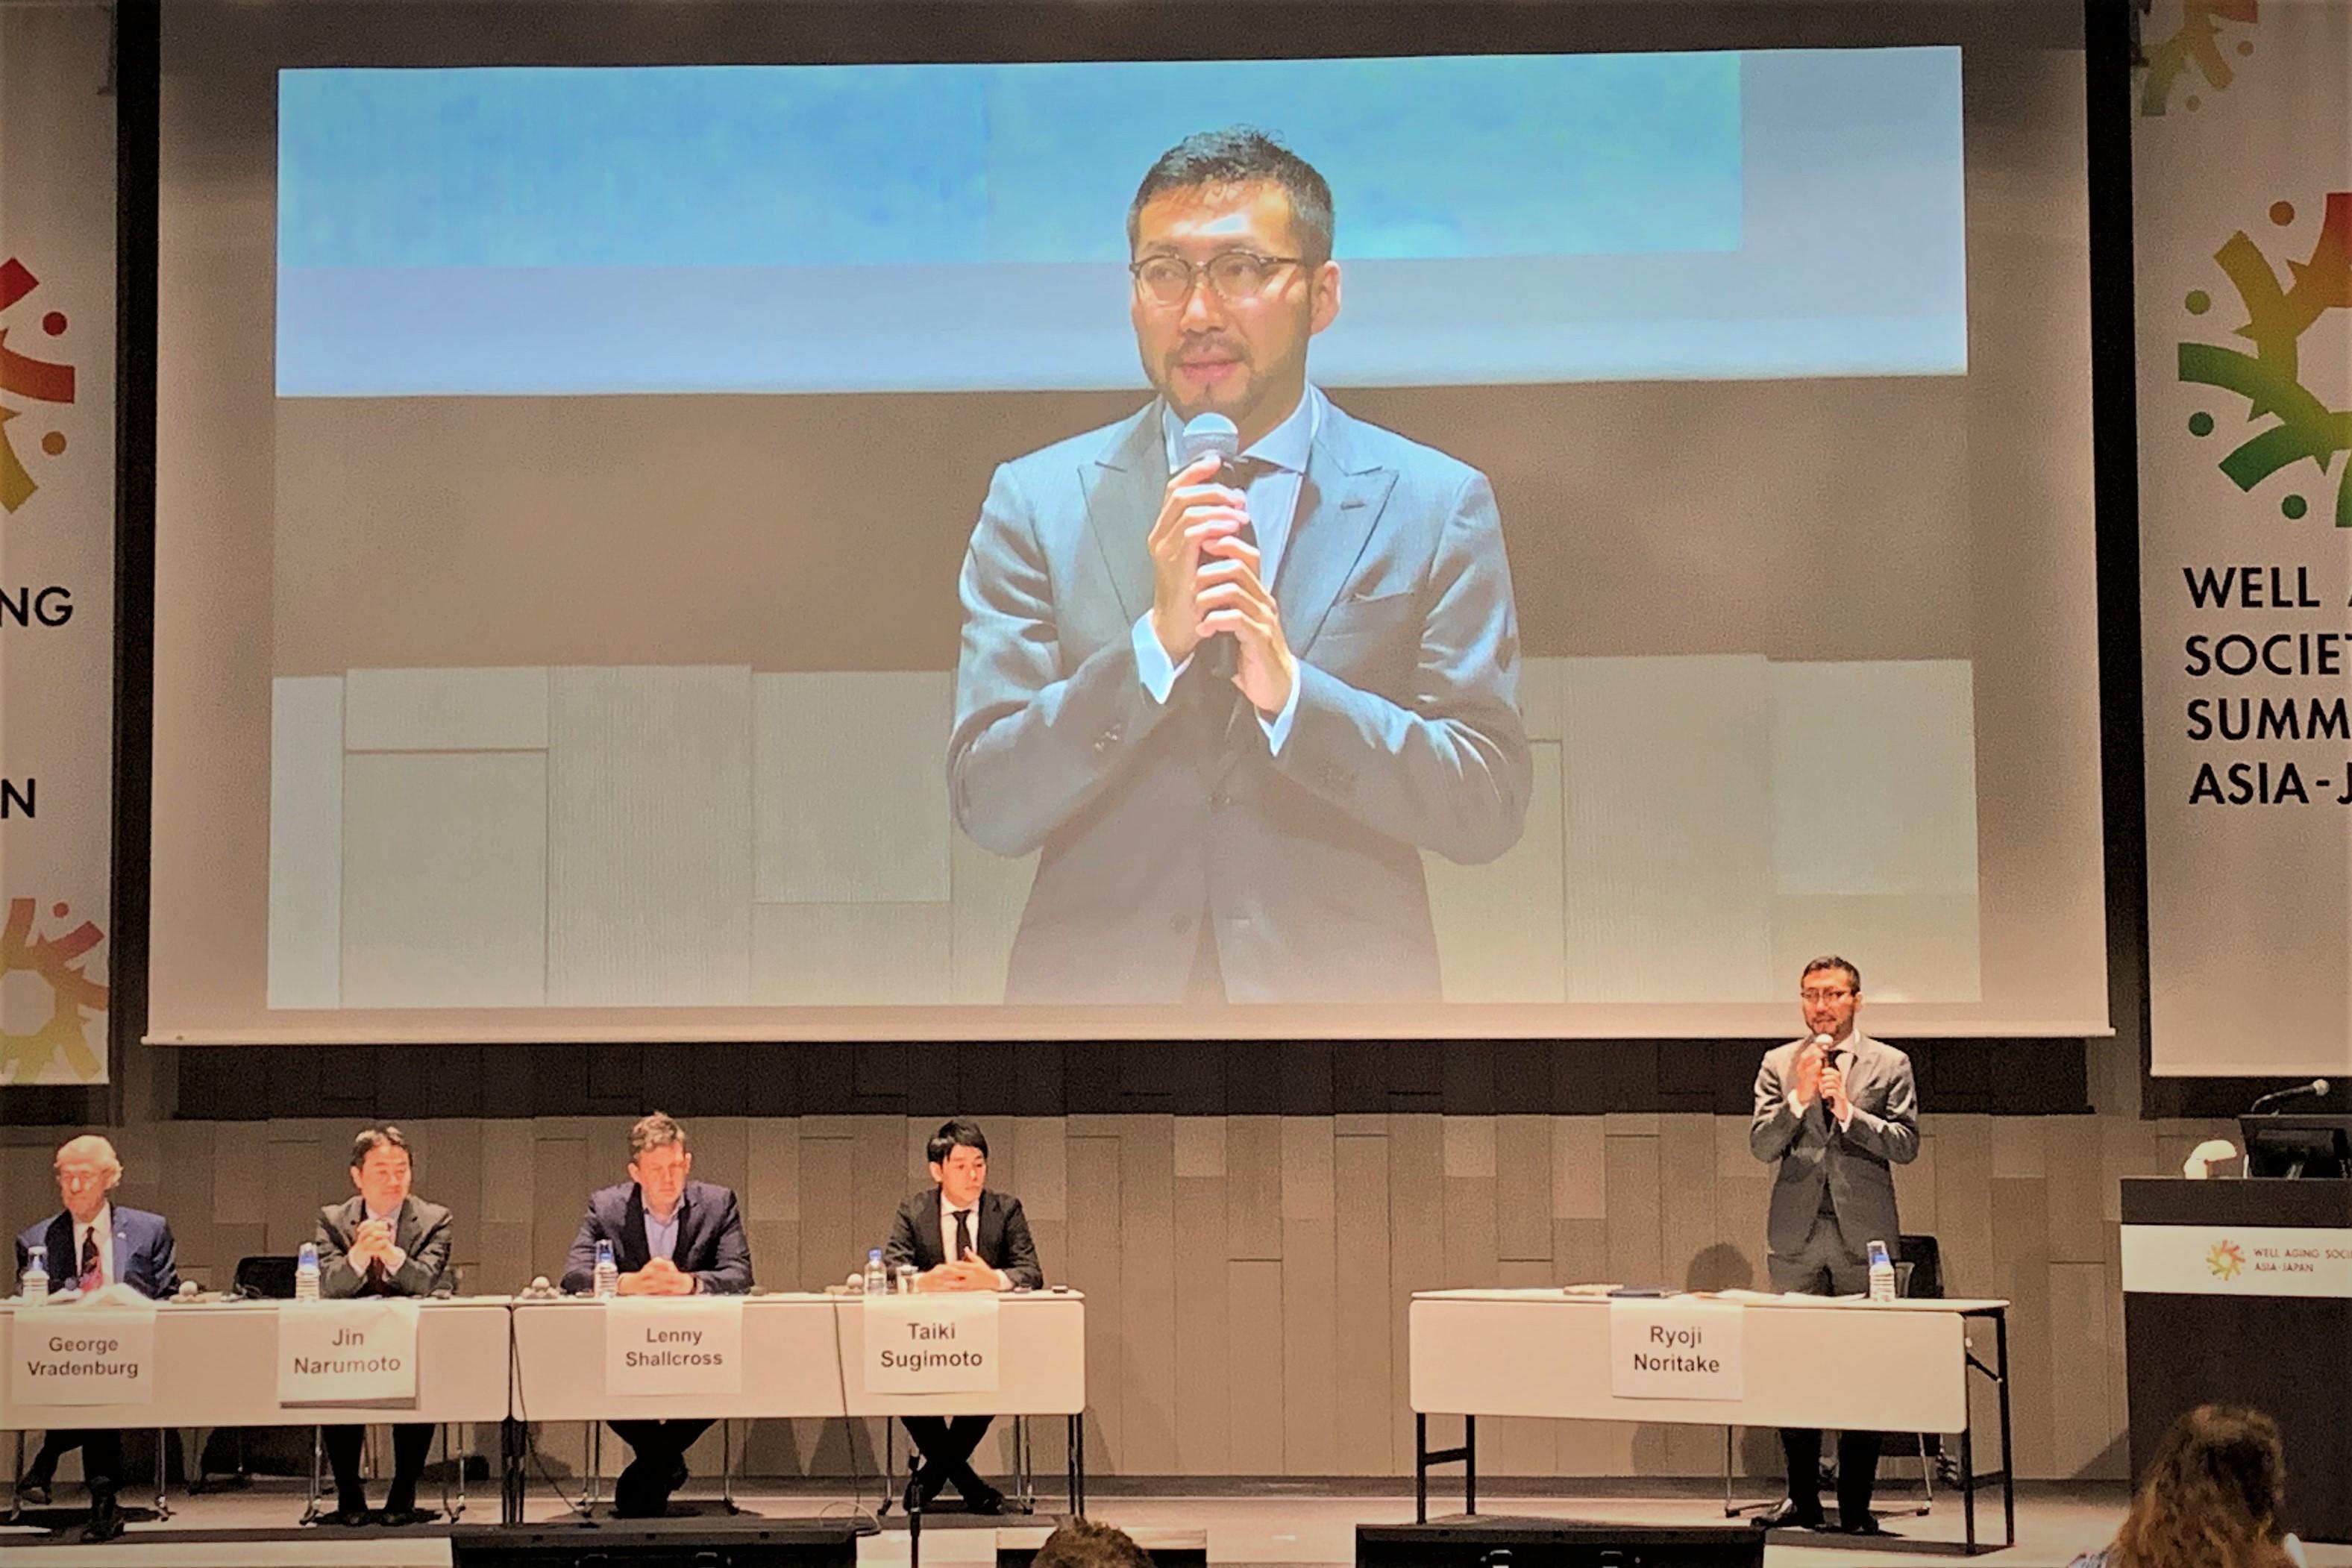 【講演報告】「Aging Diseaseへの取組」(経済産業省「2nd Well Aging Society Summit Asia-Japan」、2019年10月16日、17日、東京都中央区)